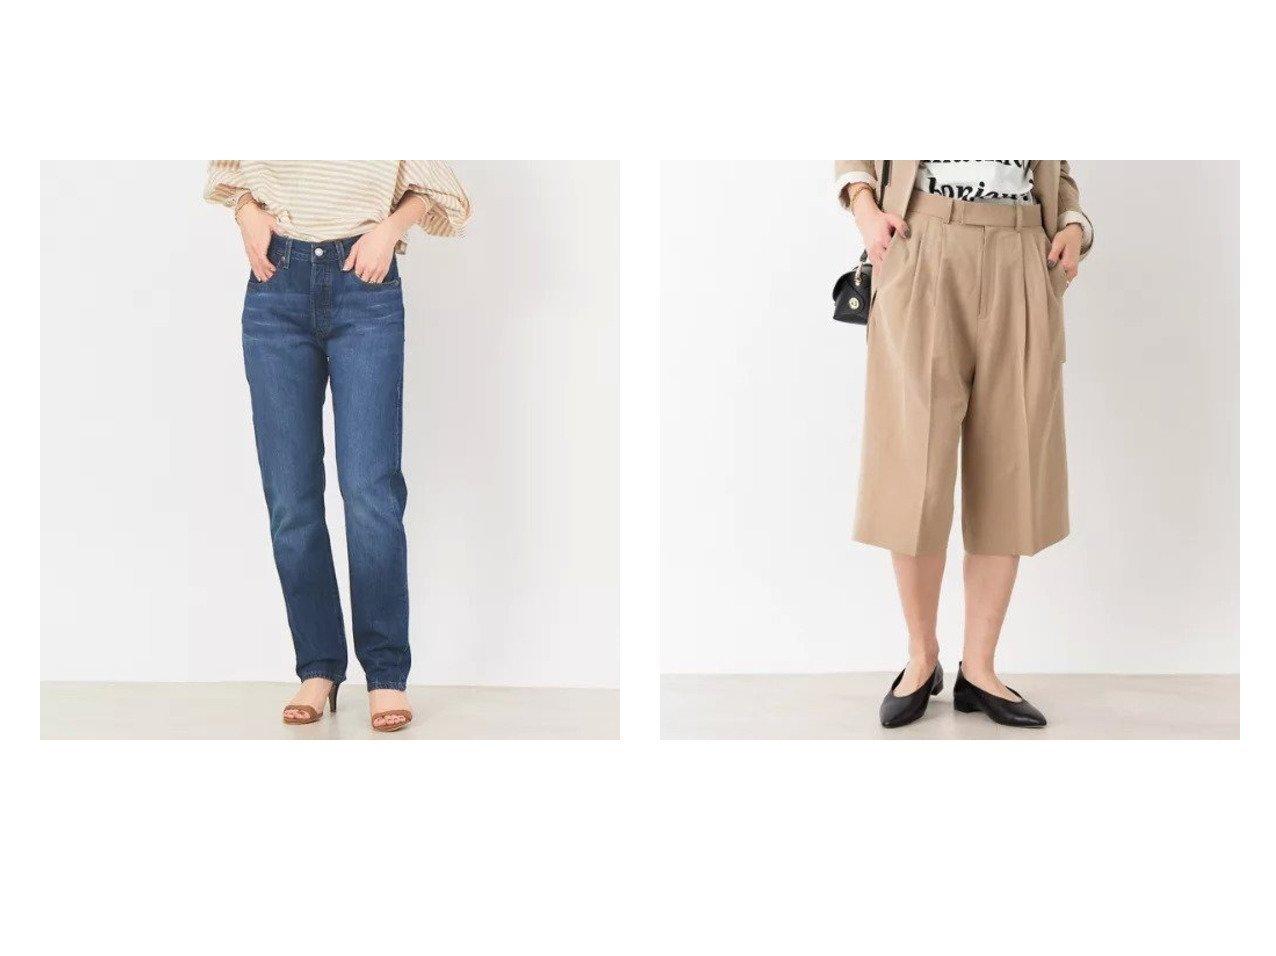 【Rouge vif/ルージュ ヴィフ】の【LEVI S】501 JEANS FOR WOMEN:デニムパンツ&ストレッチポプリンパンツ 【パンツ】おすすめ!人気、トレンド・レディースファッションの通販 おすすめで人気の流行・トレンド、ファッションの通販商品 メンズファッション・キッズファッション・インテリア・家具・レディースファッション・服の通販 founy(ファニー) https://founy.com/ ファッション Fashion レディースファッション WOMEN パンツ Pants デニムパンツ Denim Pants おすすめ Recommend ジャケット ストレッチ スラックス セットアップ ダウン バランス フェミニン リラックス ロング ジーンズ ストレート デニム パッチ レギュラー ワーク 定番 Standard |ID:crp329100000030349